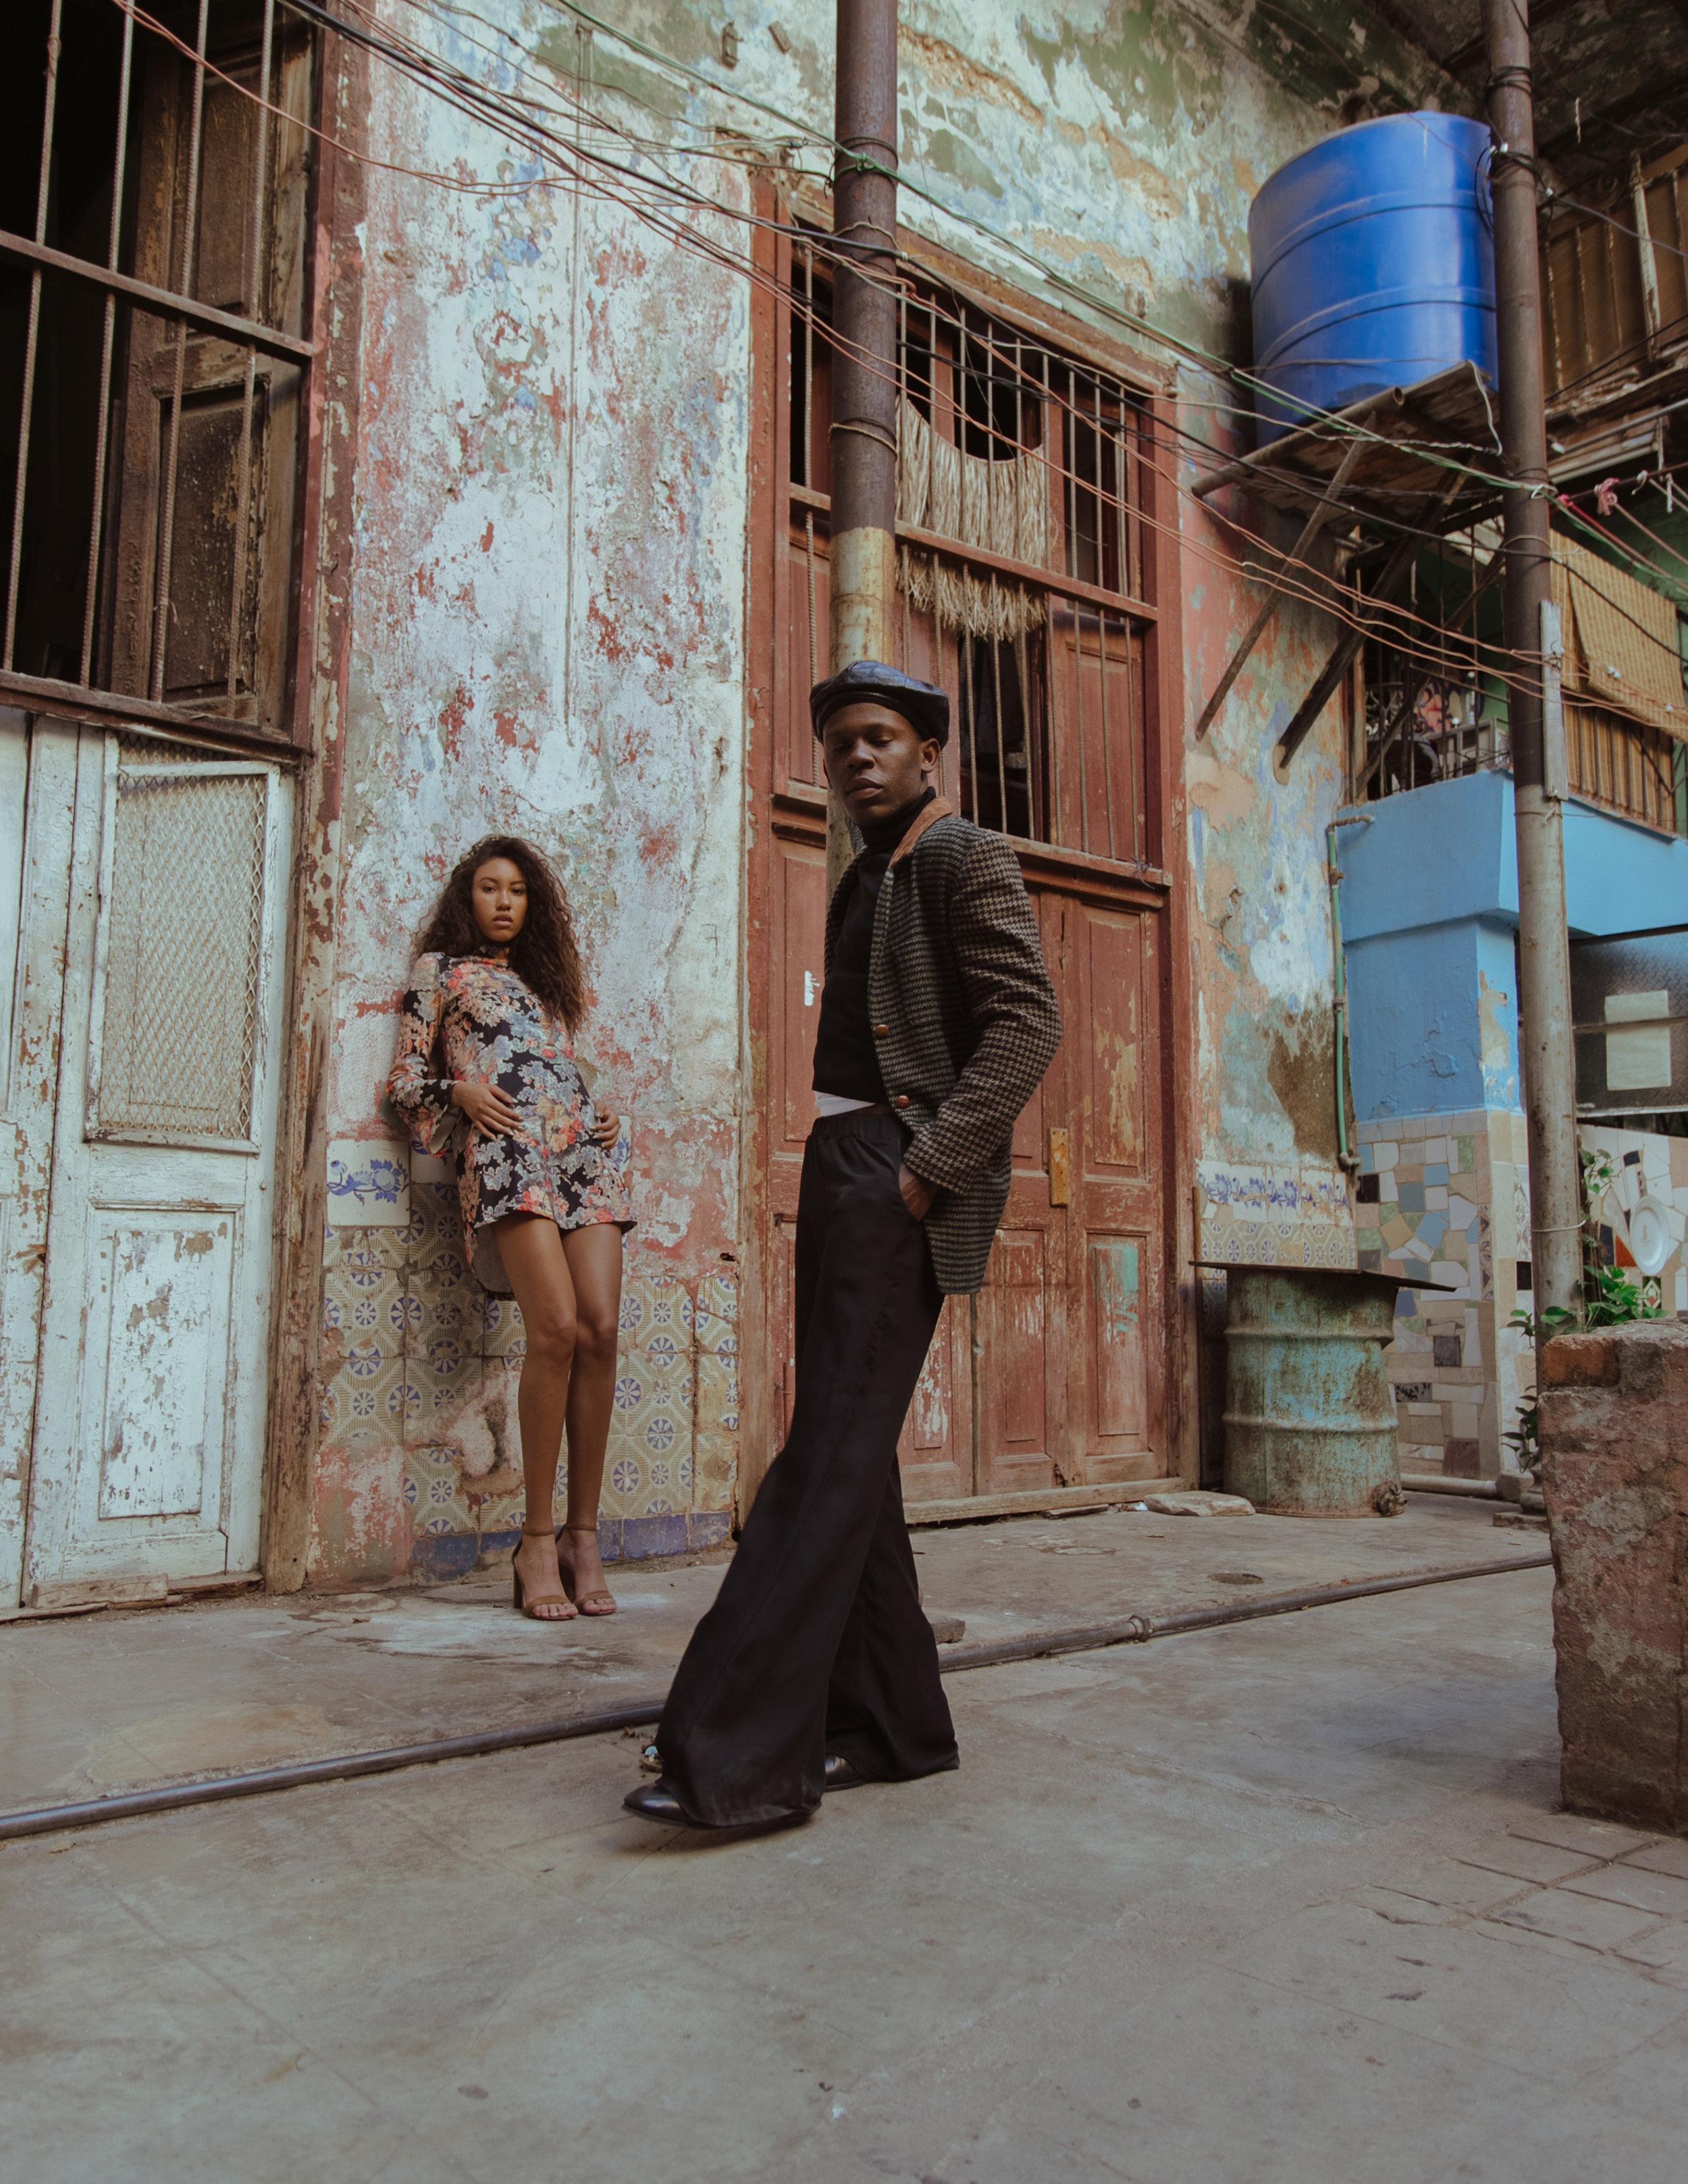 Havana in Hue - Issue 67 : Cuba